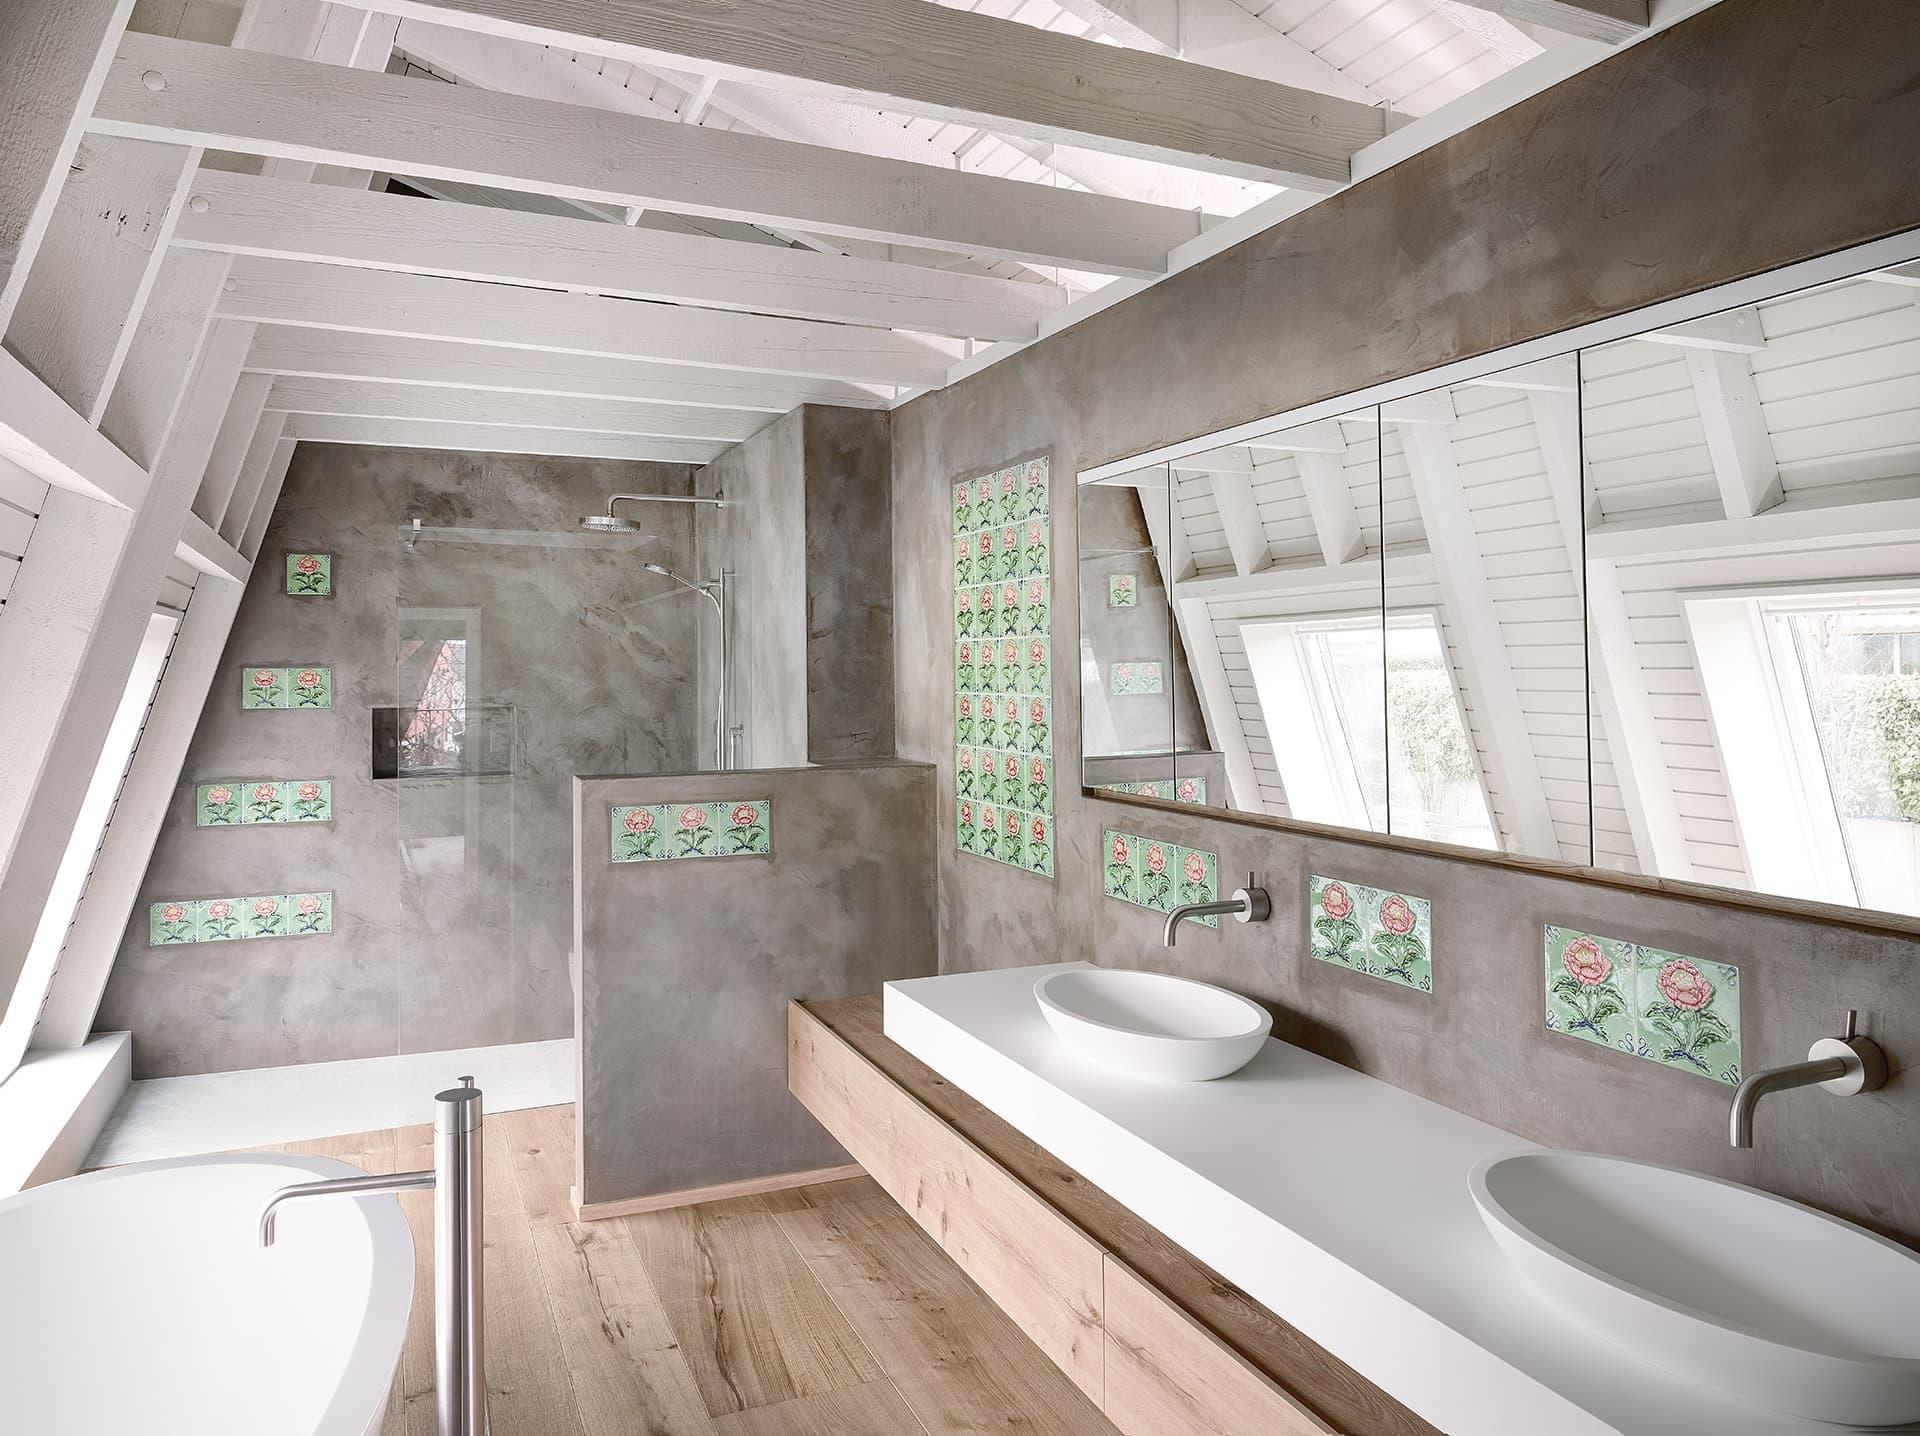 venuti-architects_CF003484-1